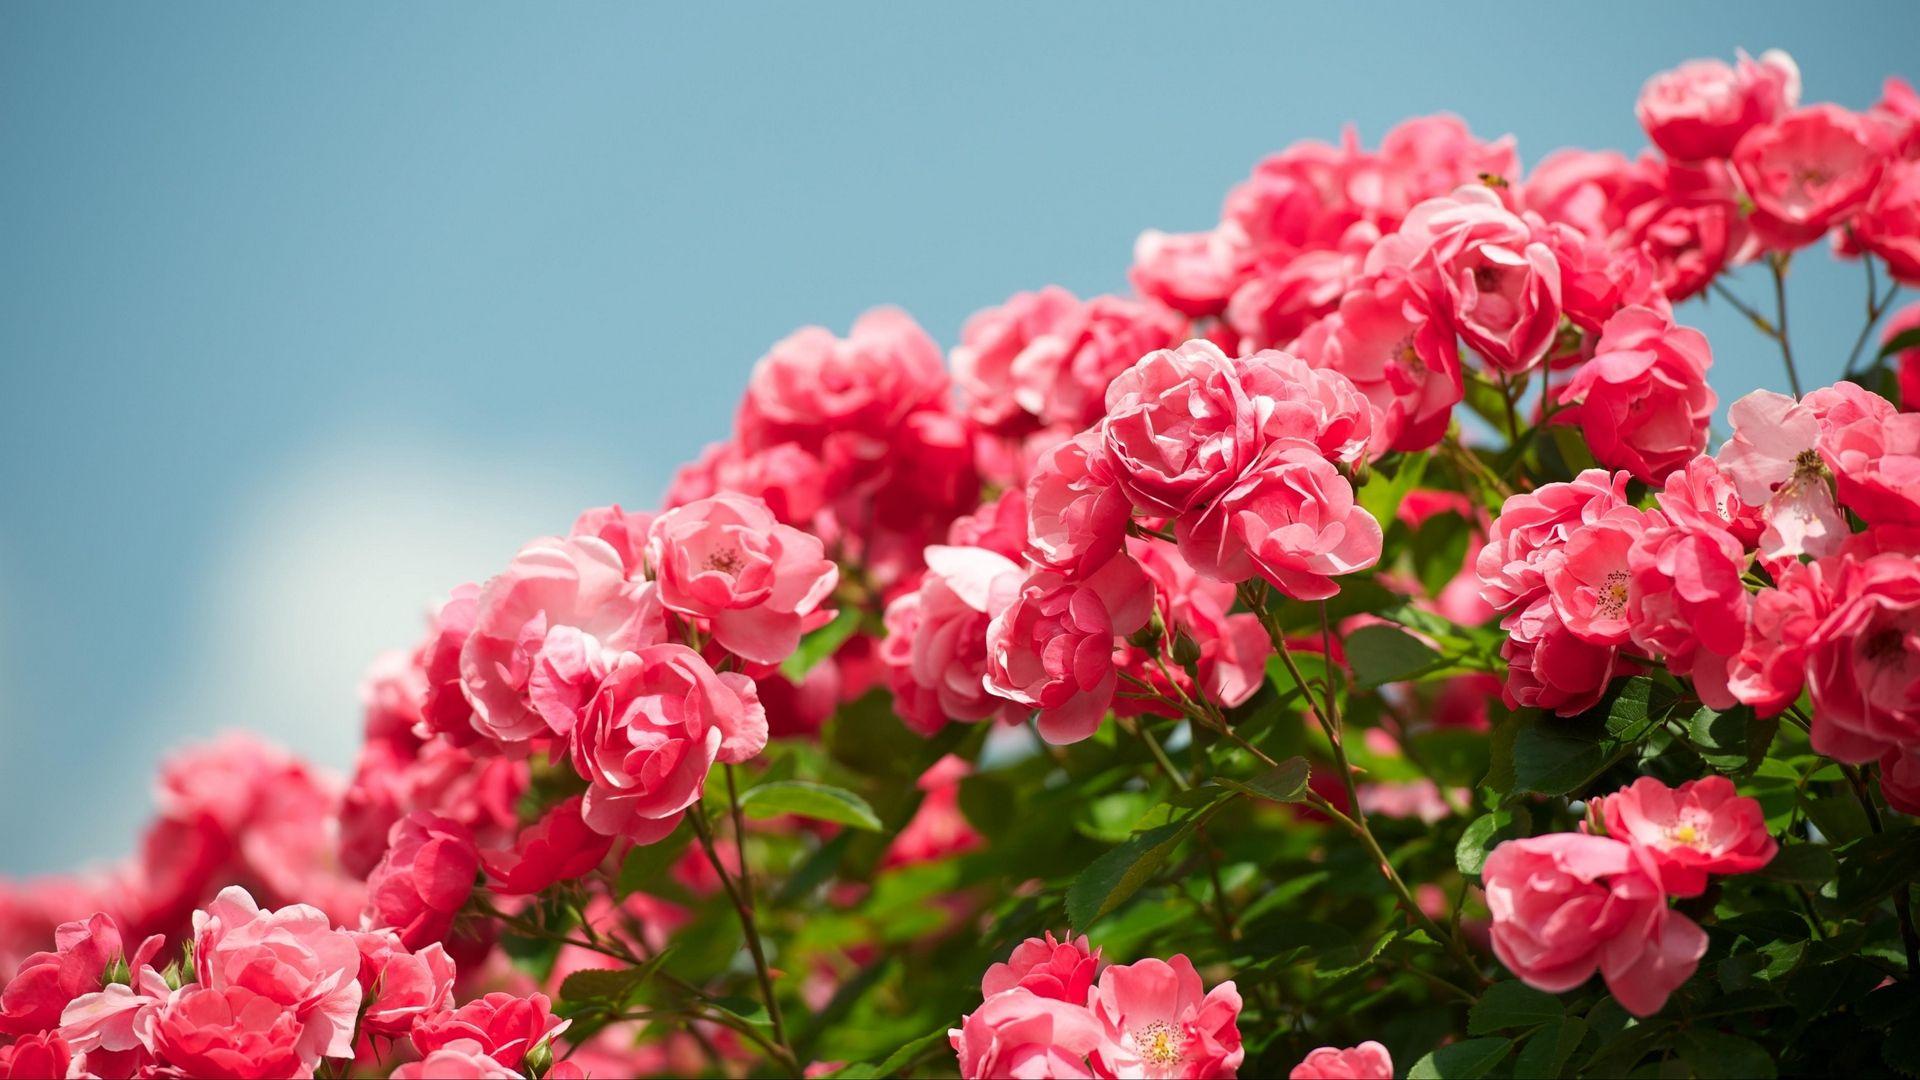 Beautiful Rose HD Desktop Wallpaper